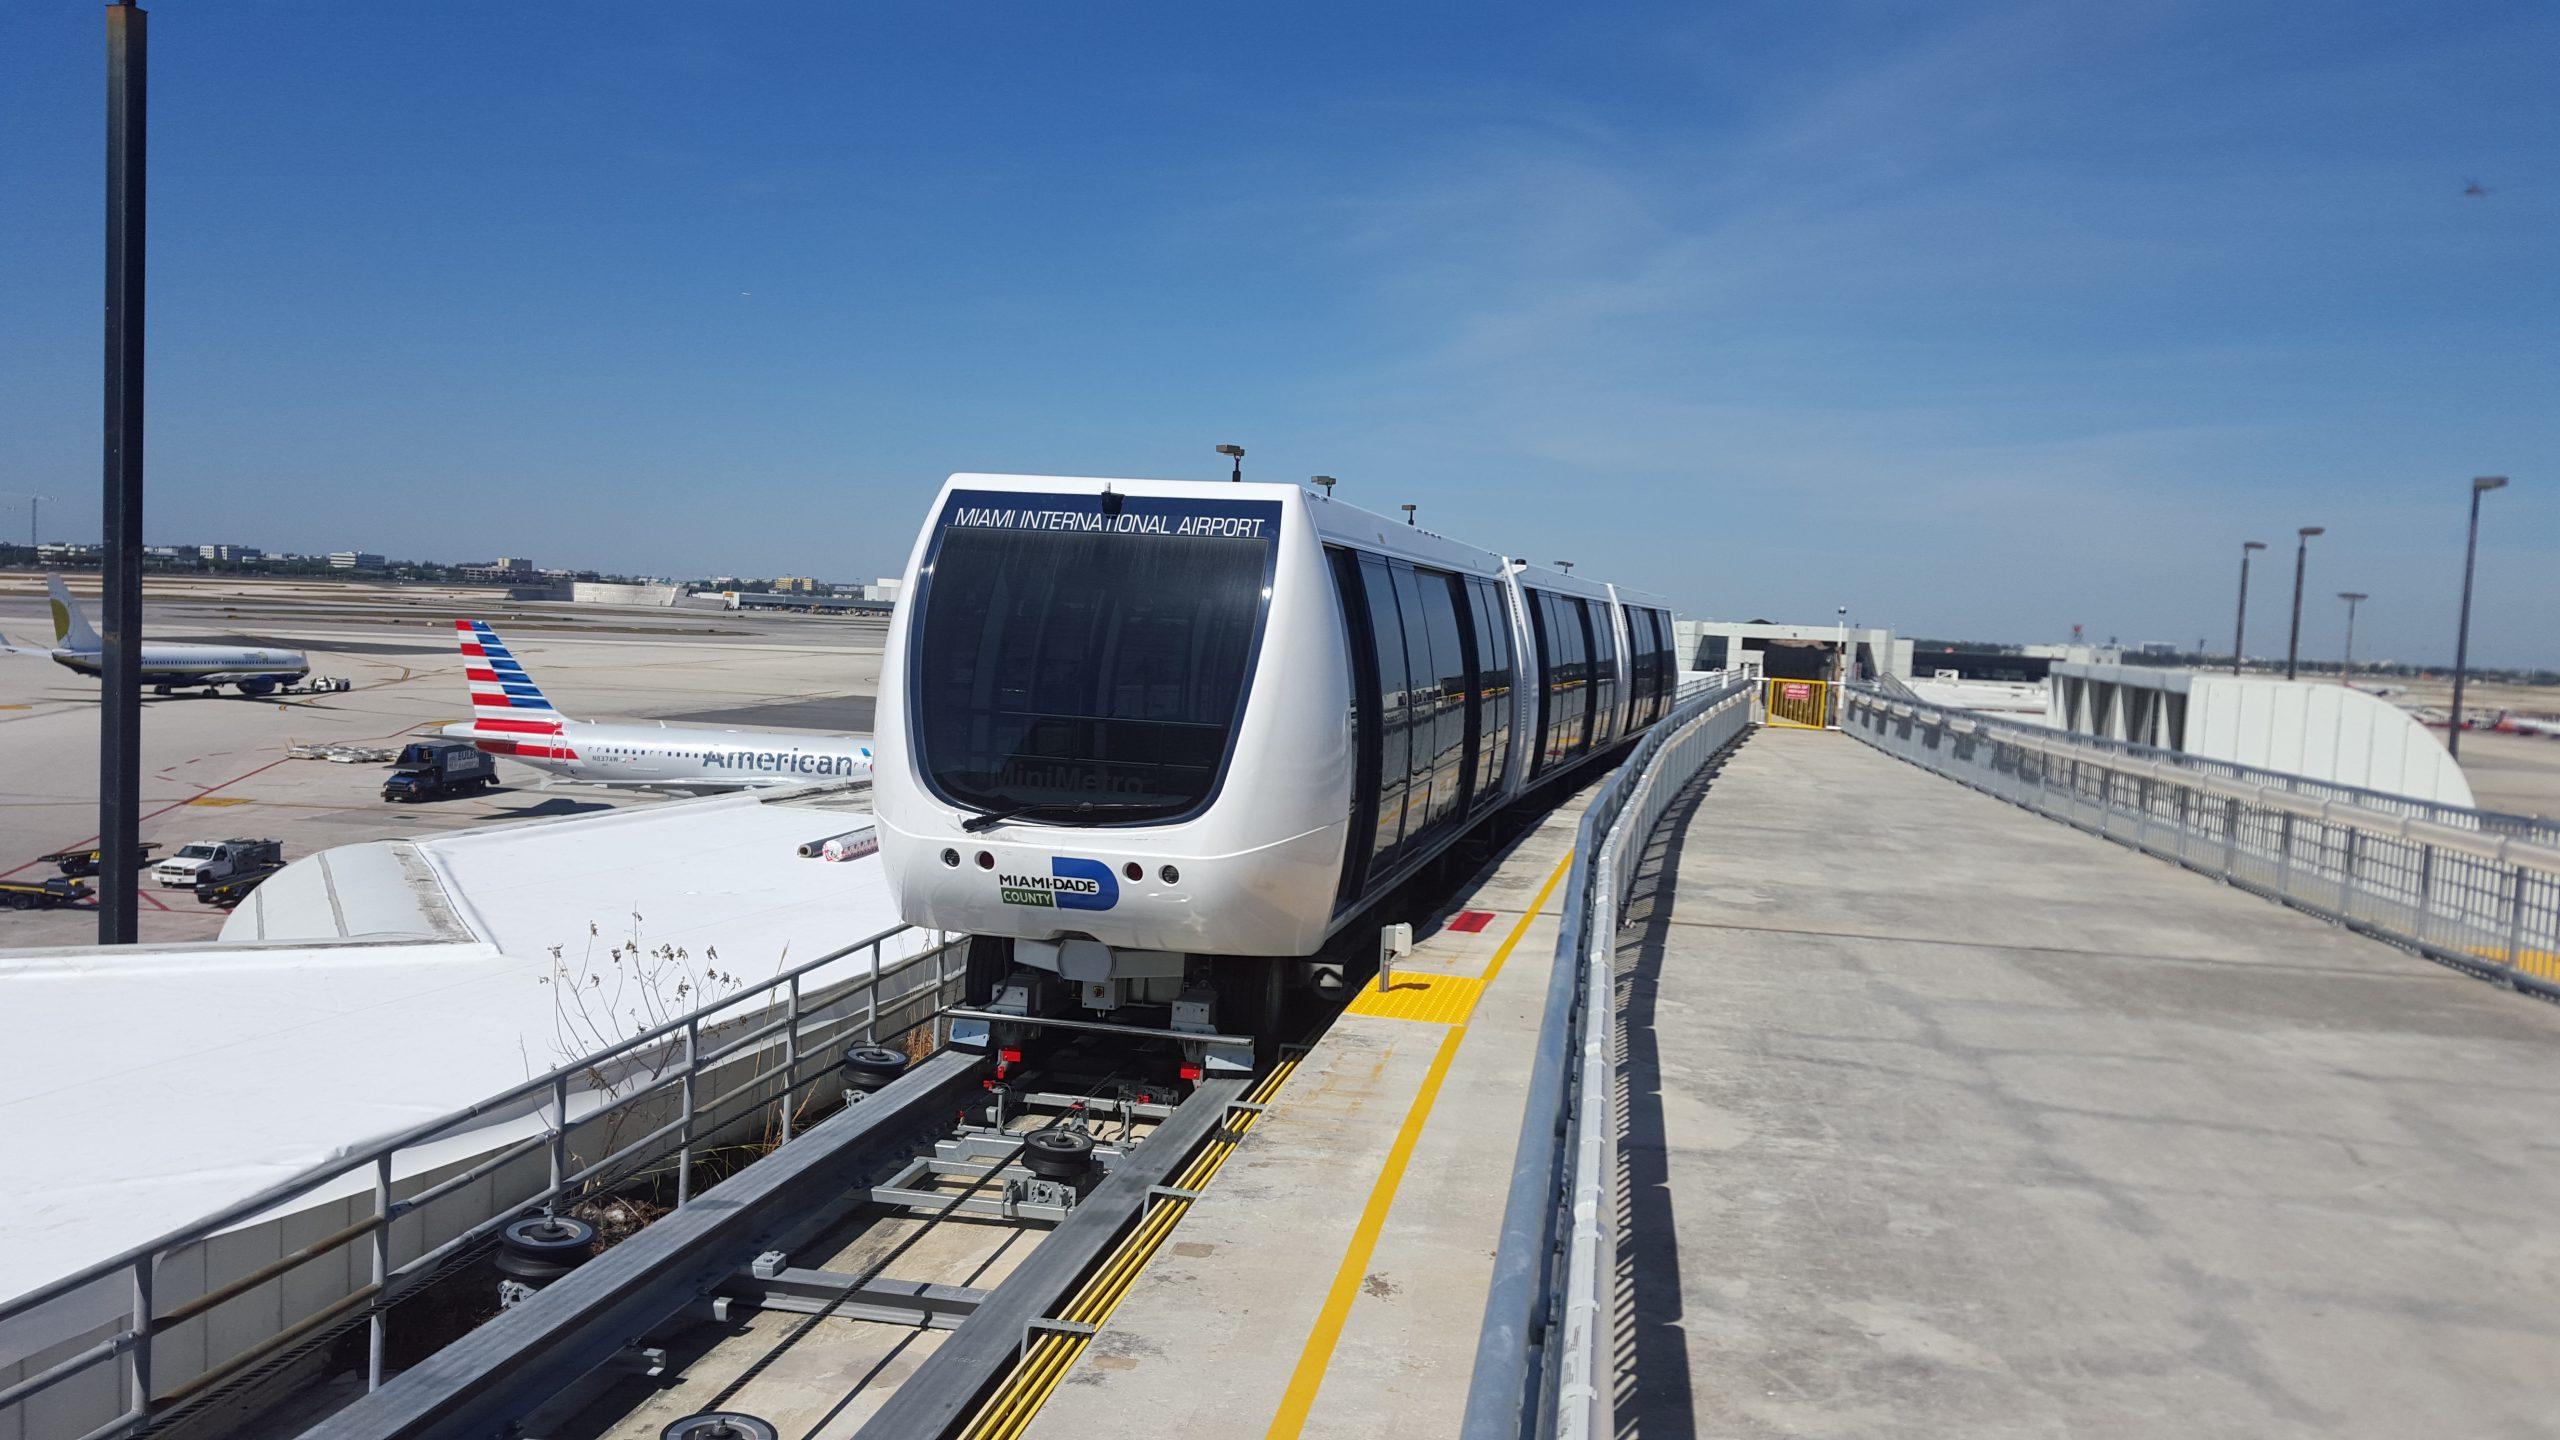 MIA E-terminal automated people mover